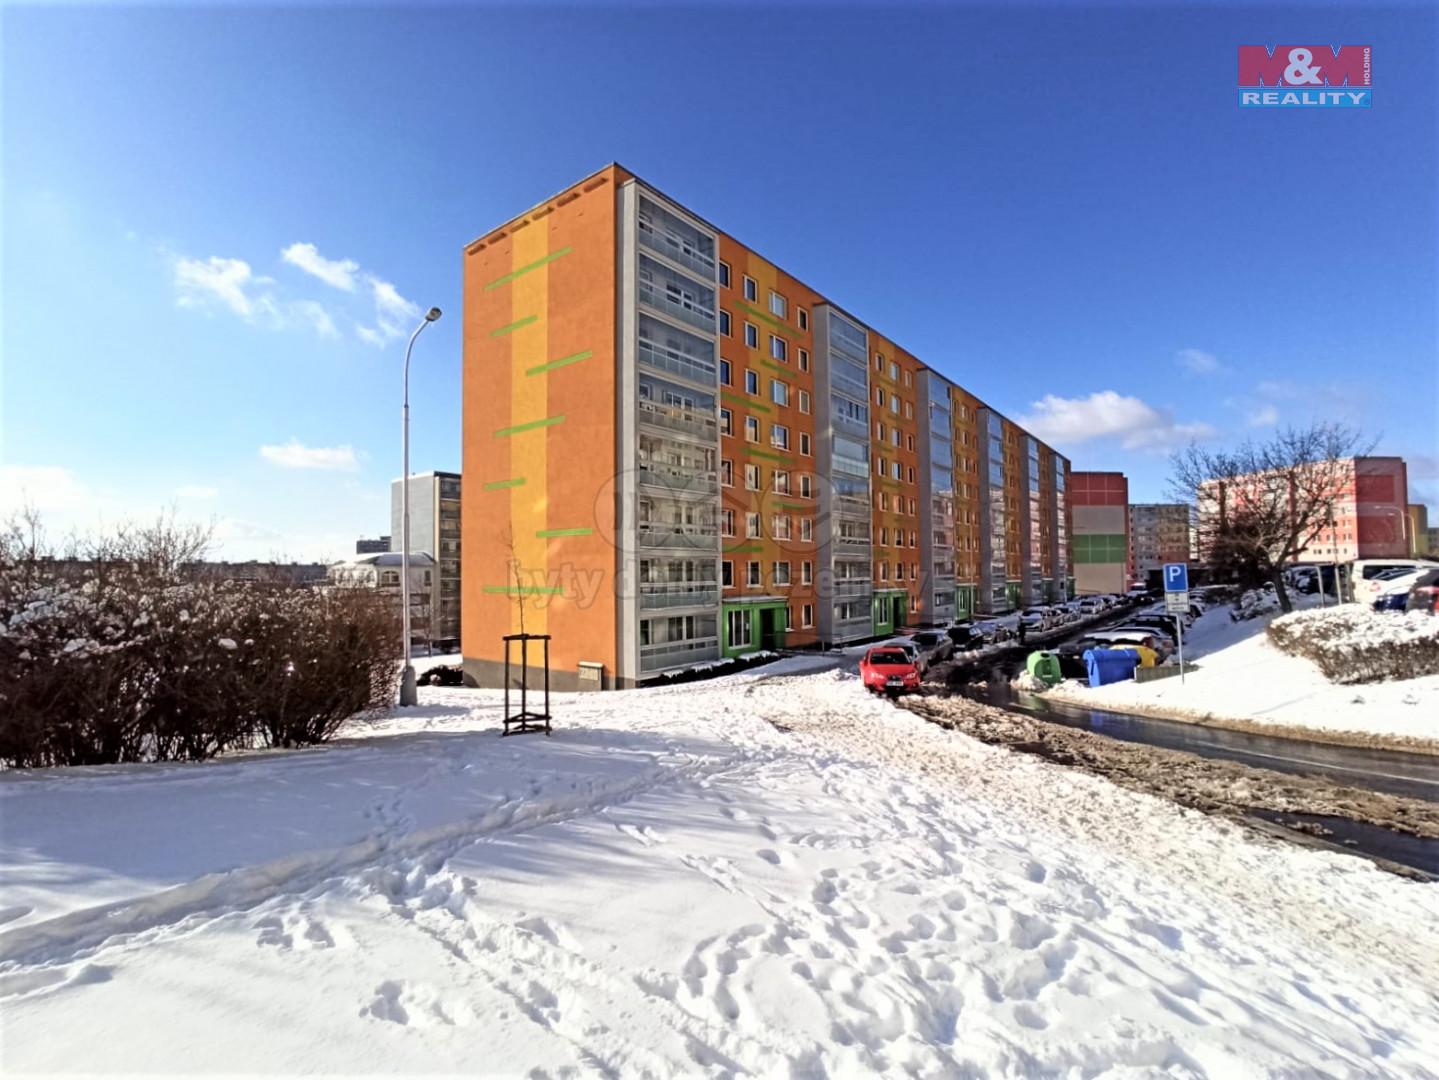 Prodej bytu 2+kk, 40 m², Most, ul. Františka Malíka